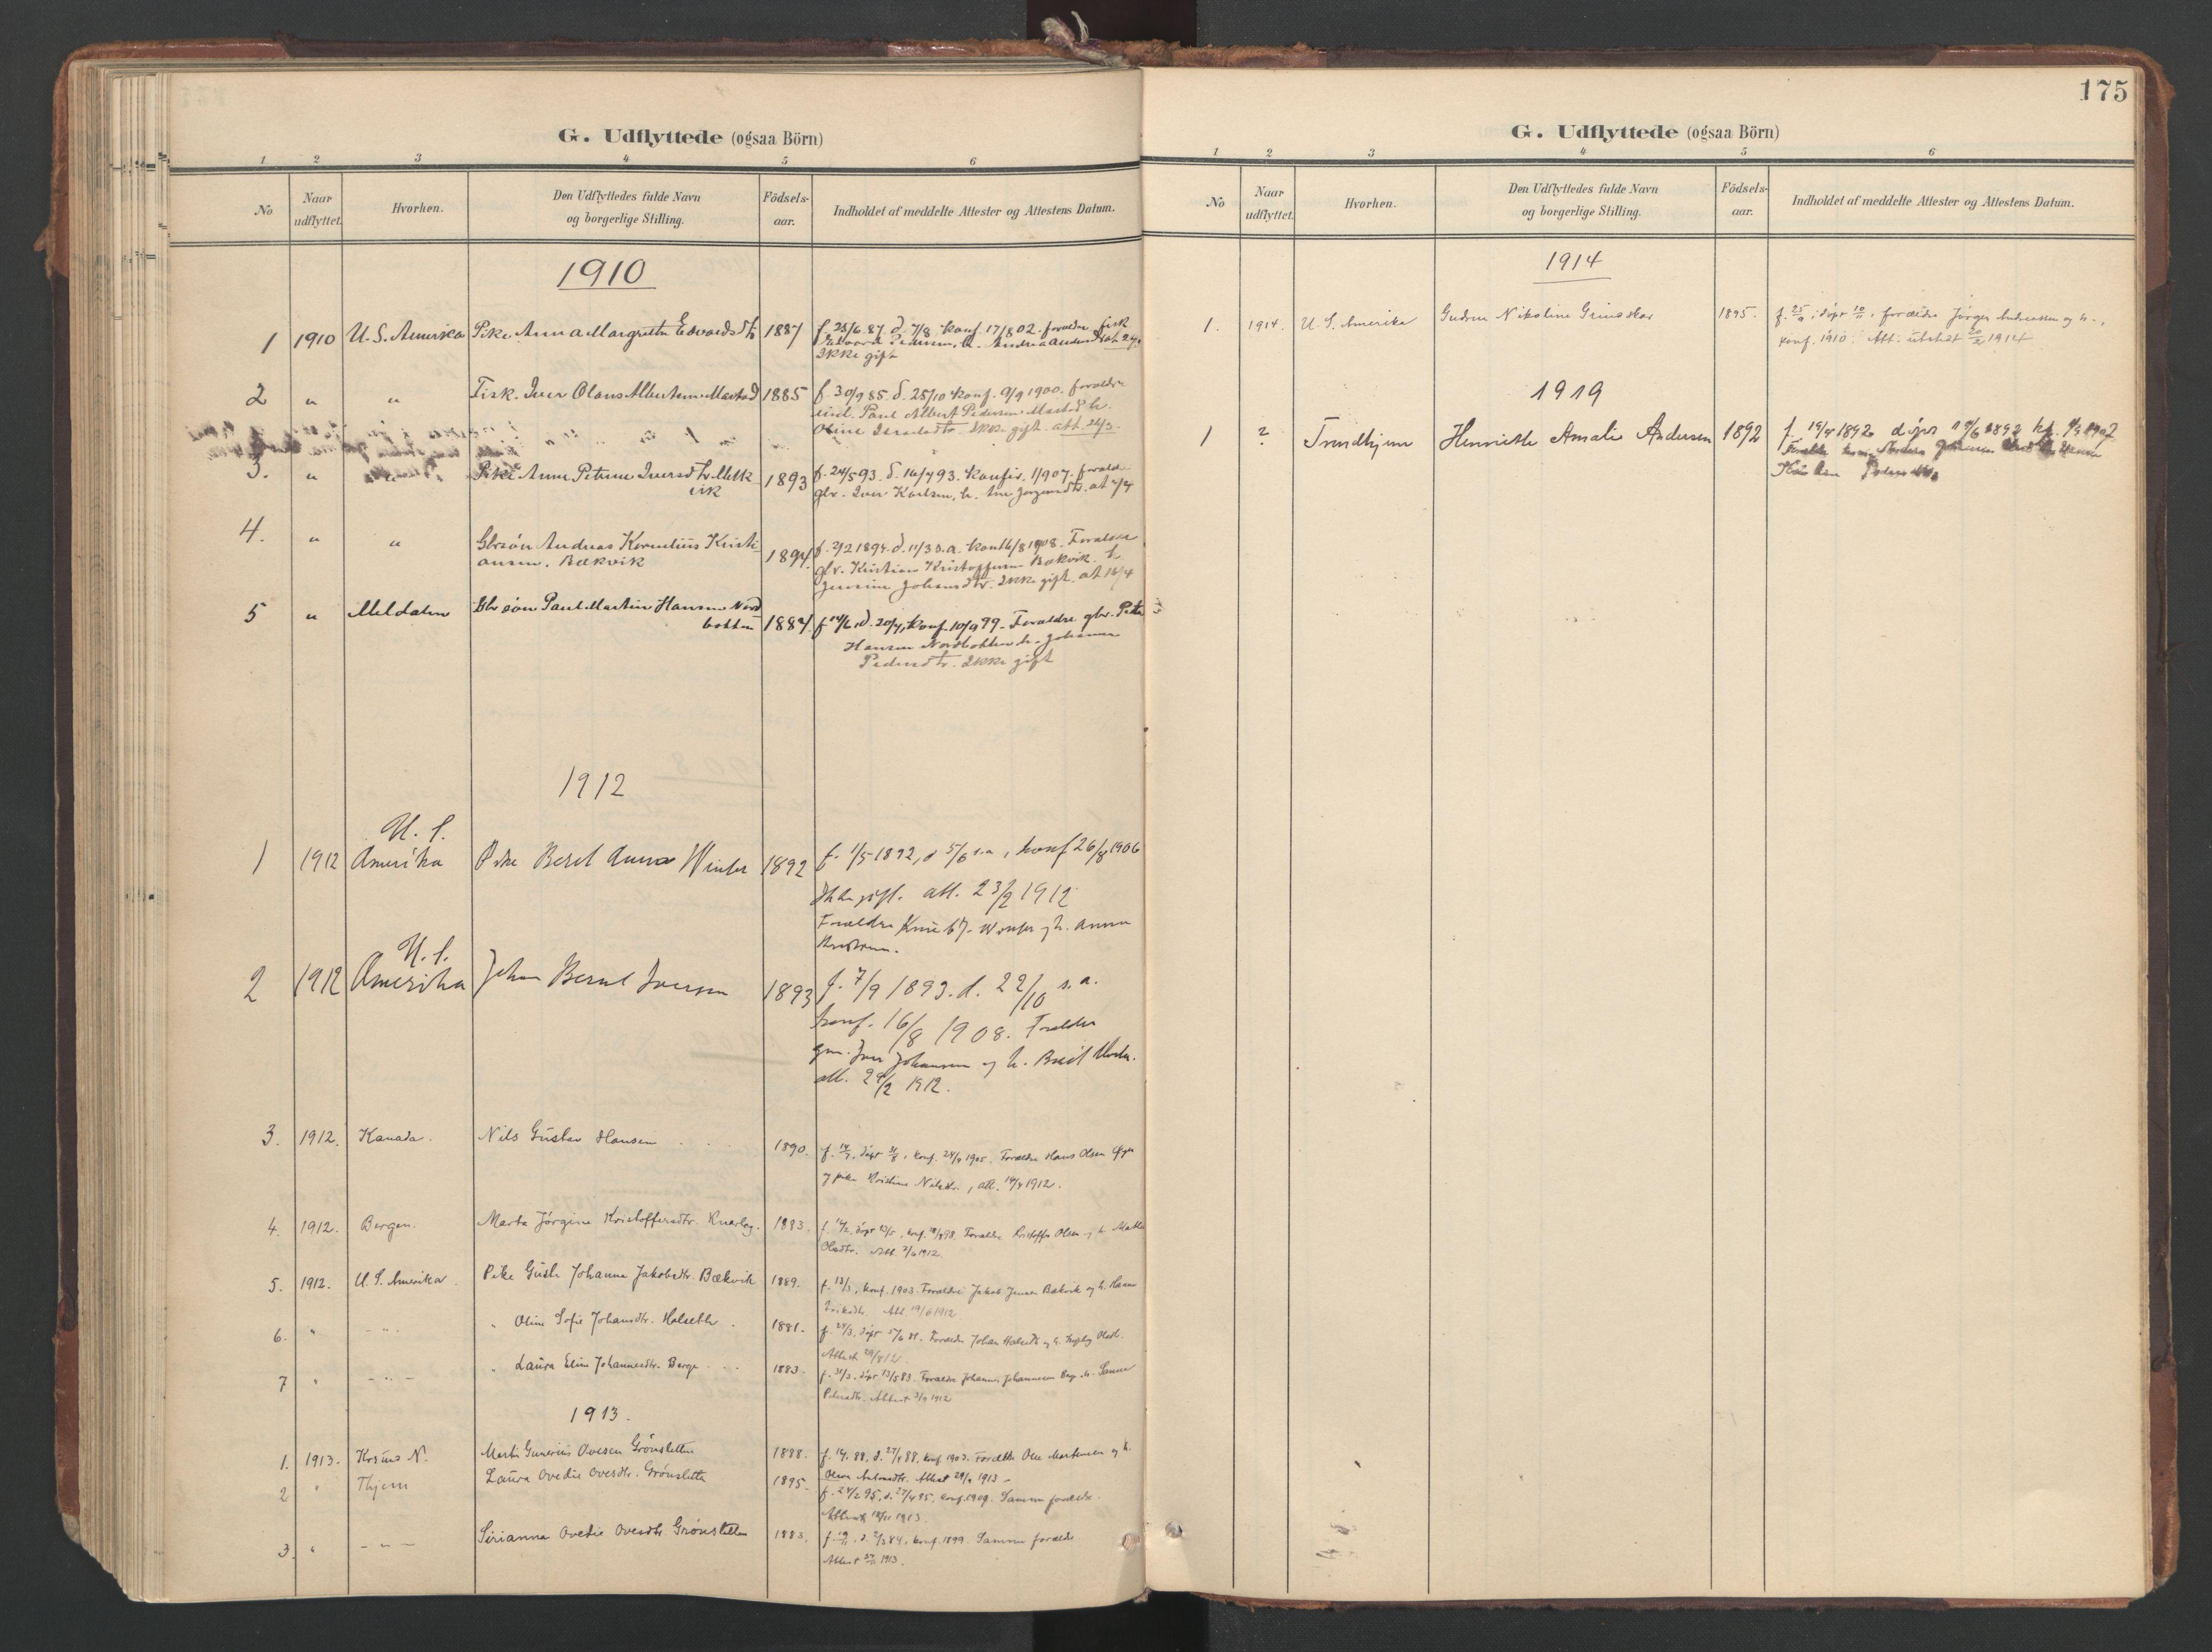 SAT, Ministerialprotokoller, klokkerbøker og fødselsregistre - Sør-Trøndelag, 638/L0568: Ministerialbok nr. 638A01, 1901-1916, s. 175